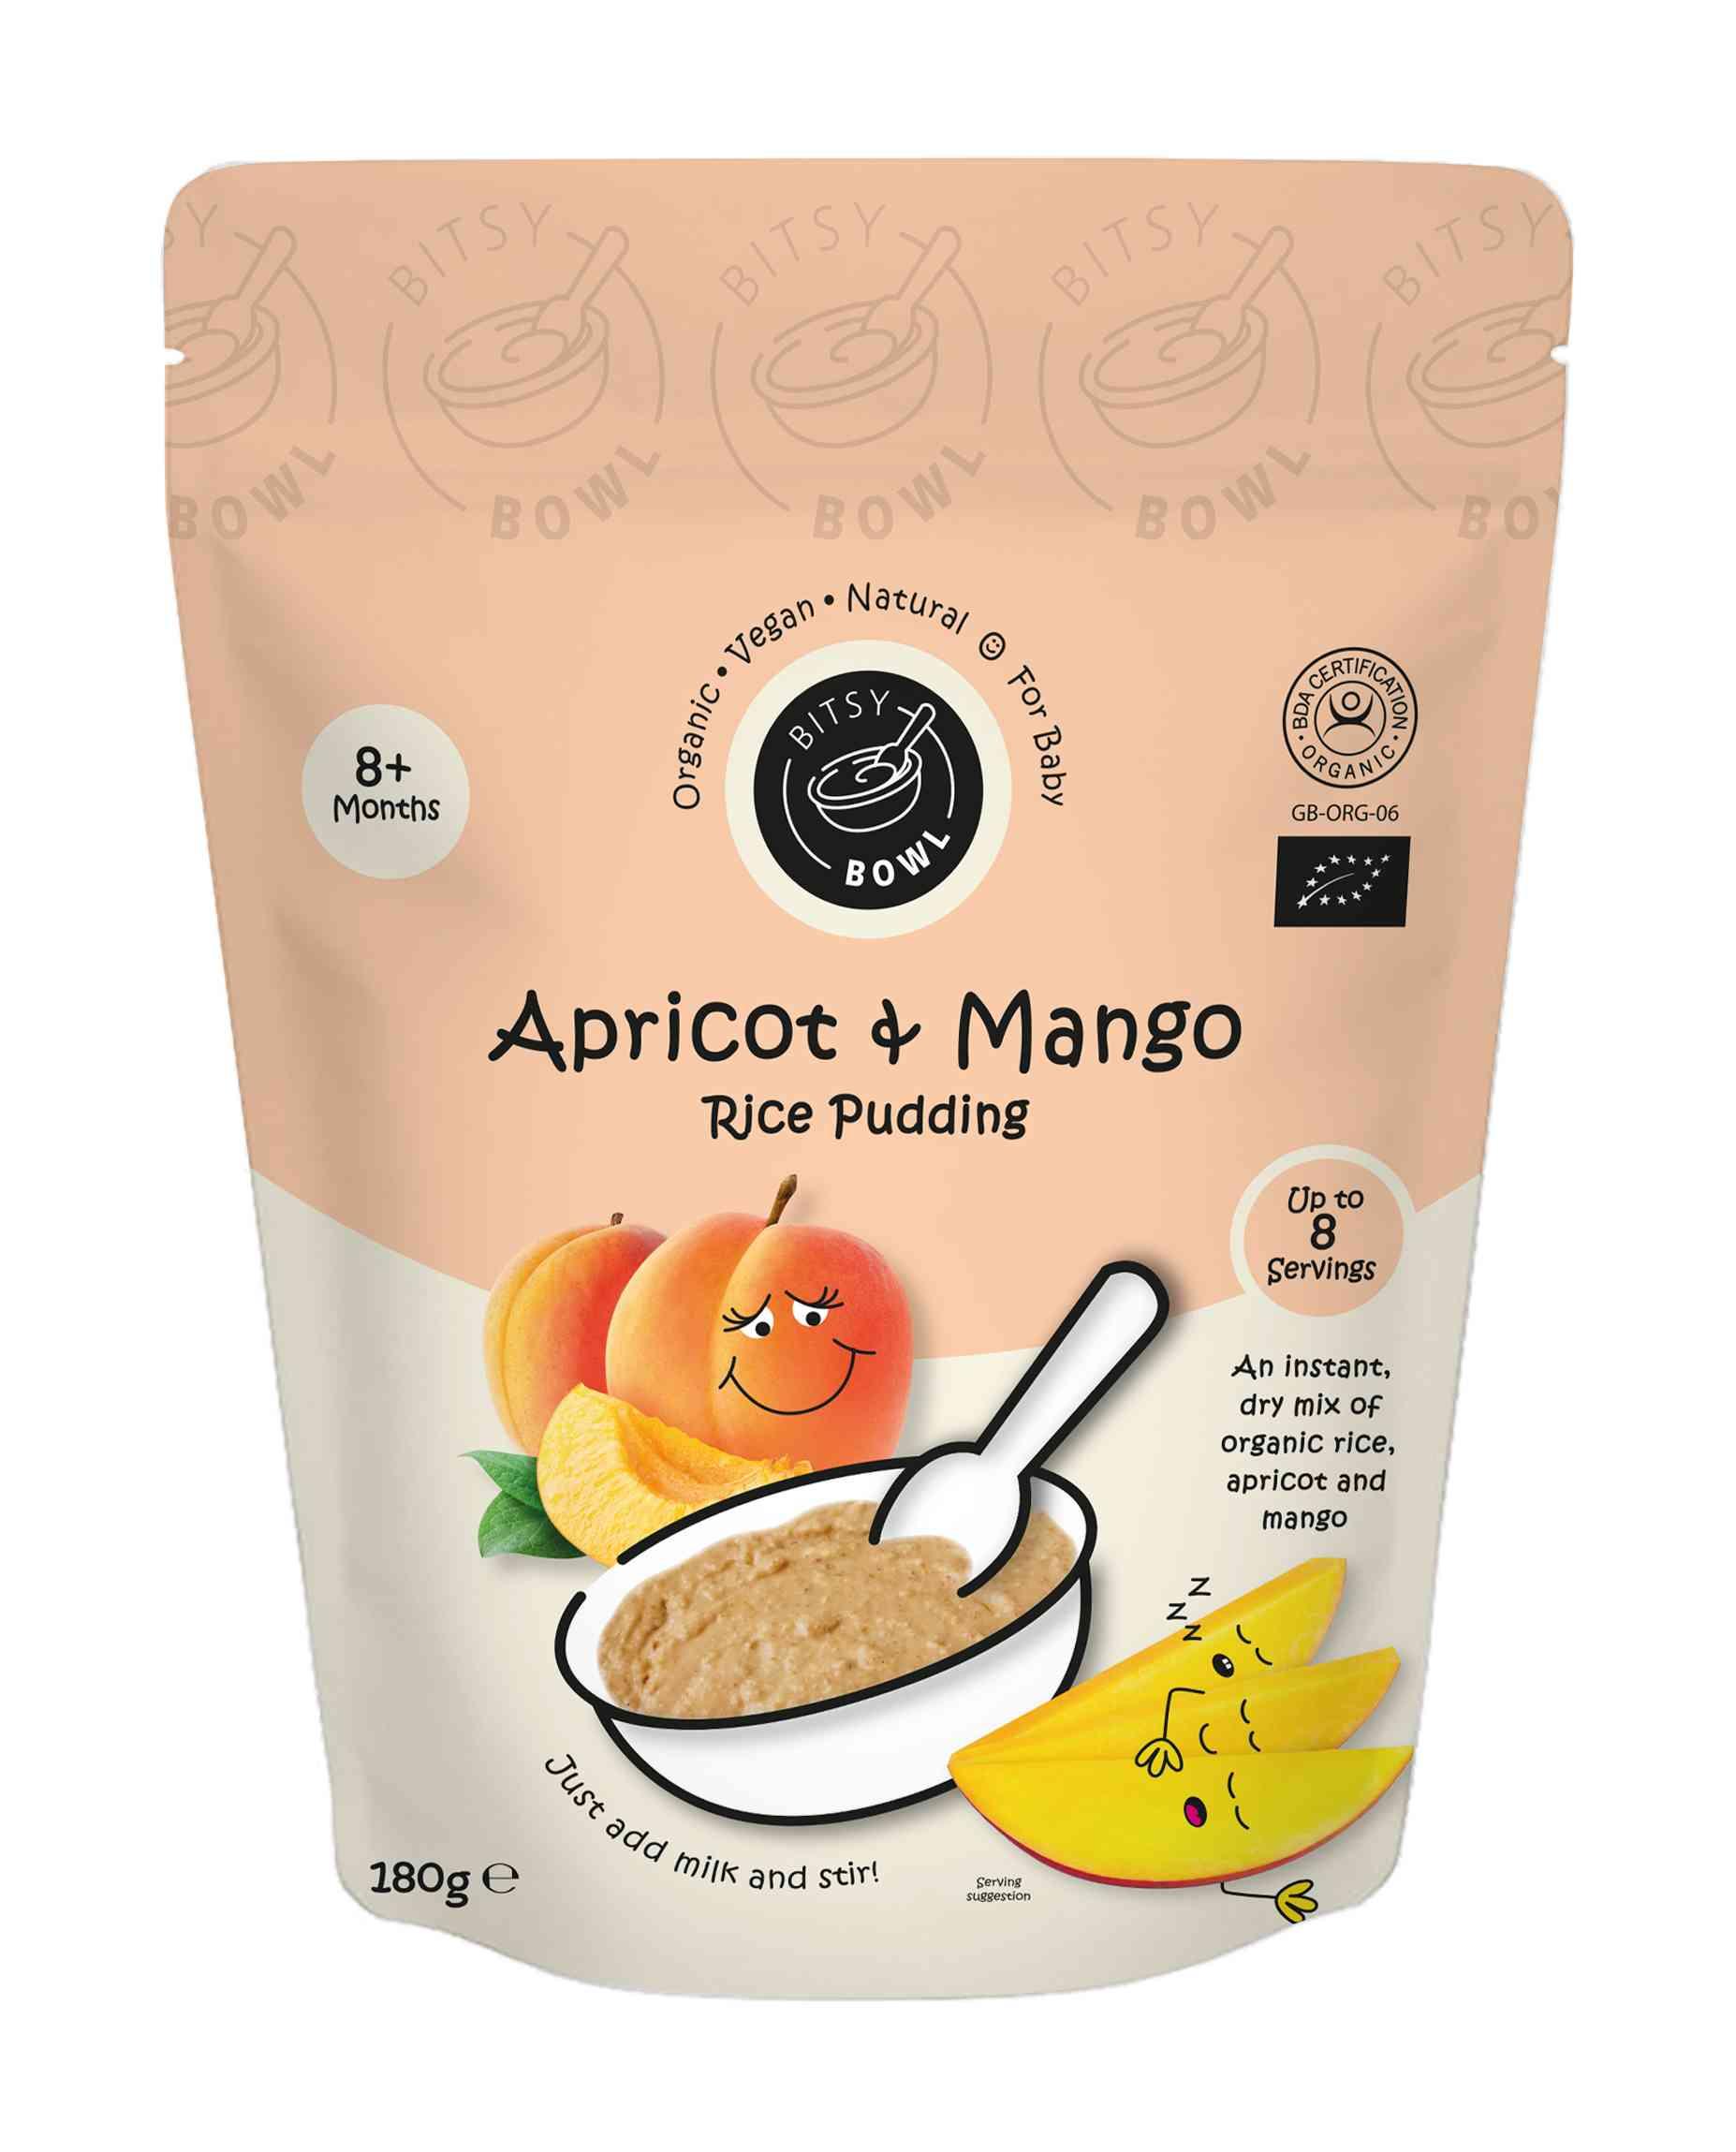 Organic Apricot & Mango Rice Pudding